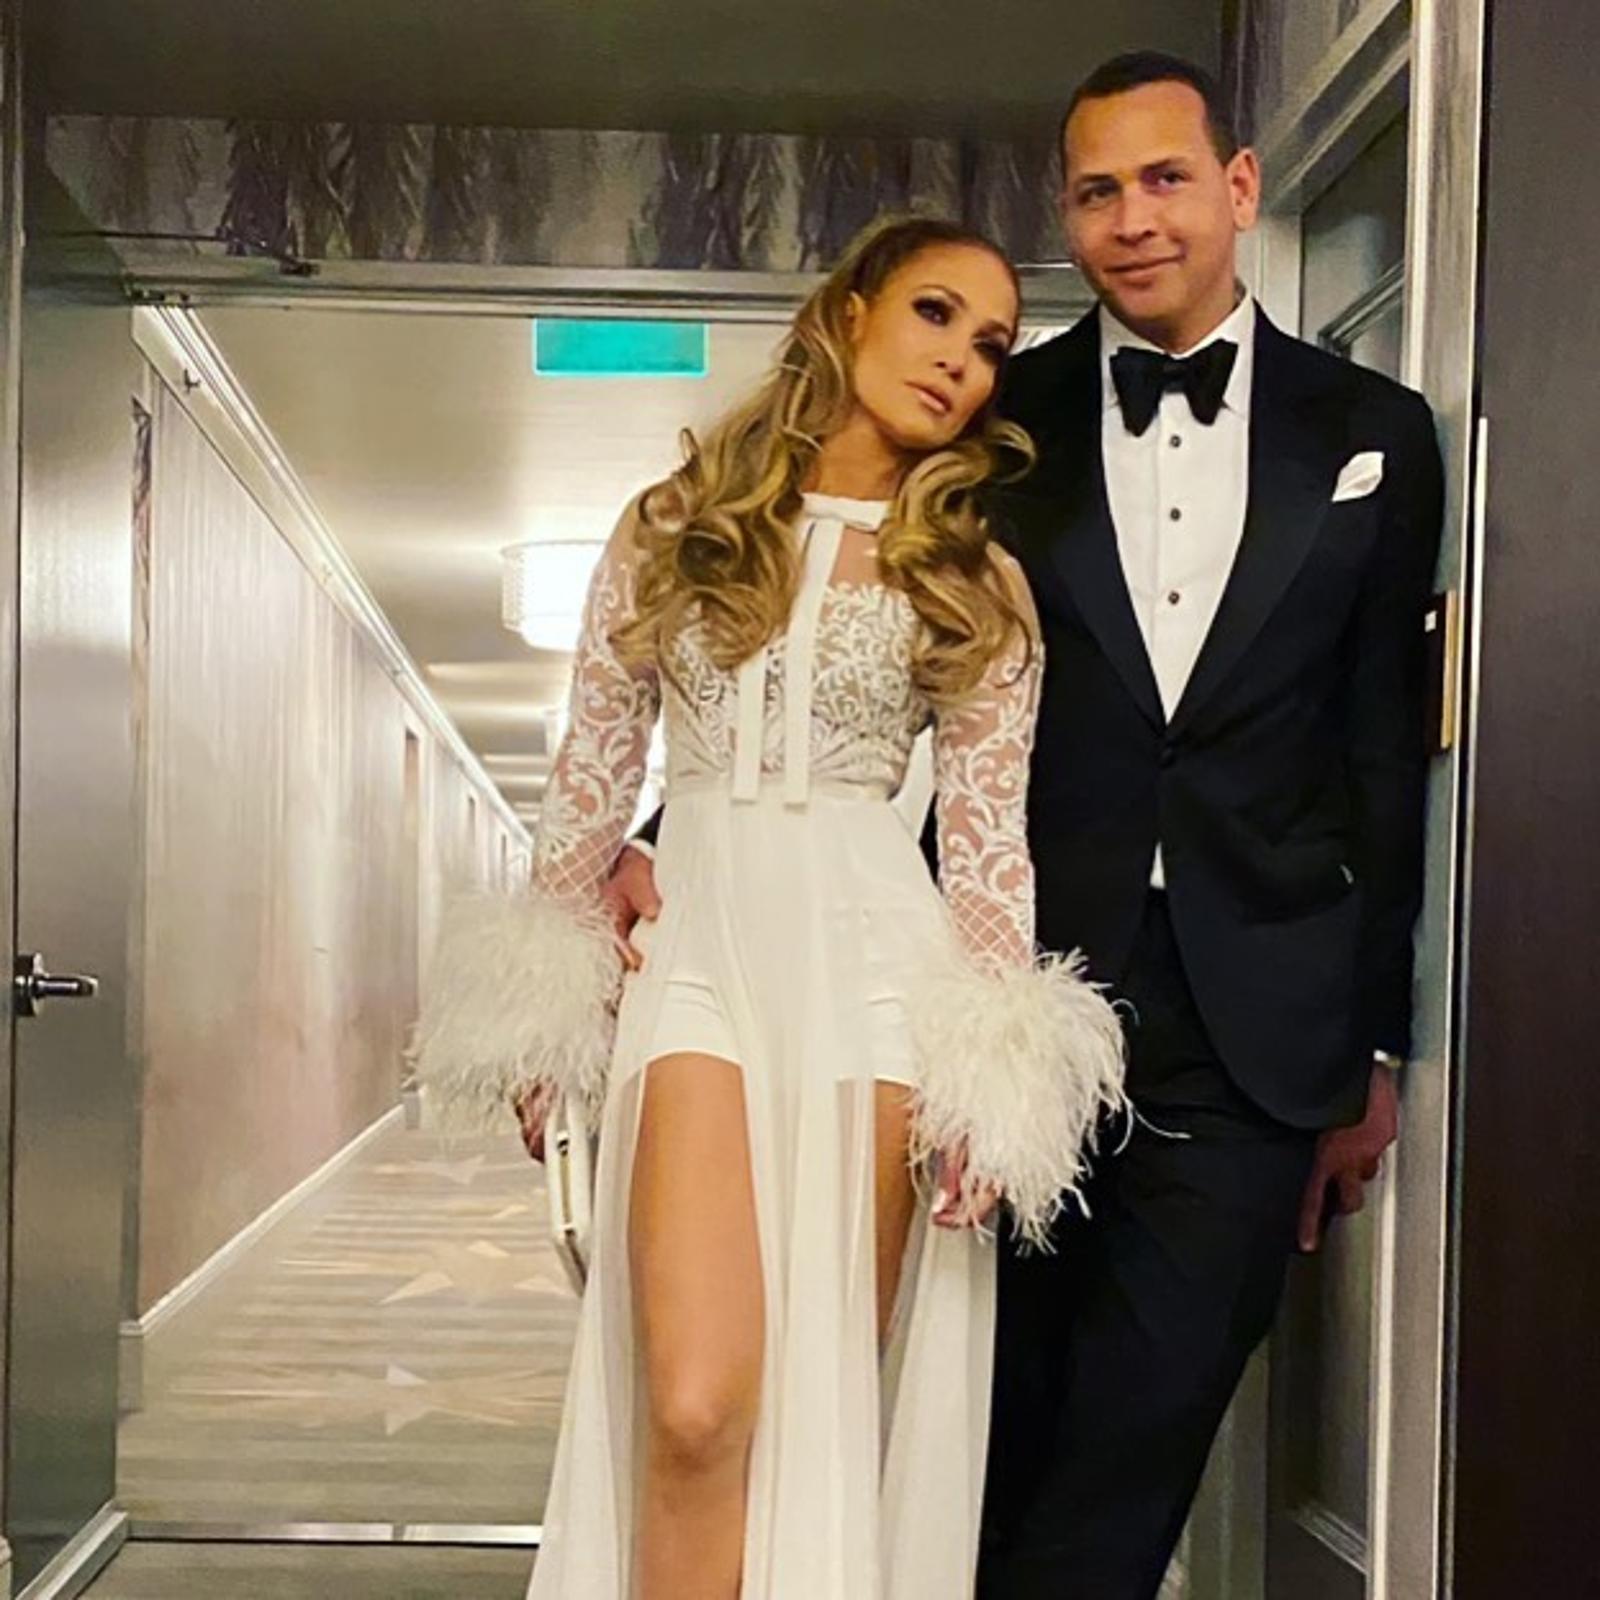 Белая вечеринка: Дженнифер Лопес и Алекс Родригес устроили праздник в честь помолвки